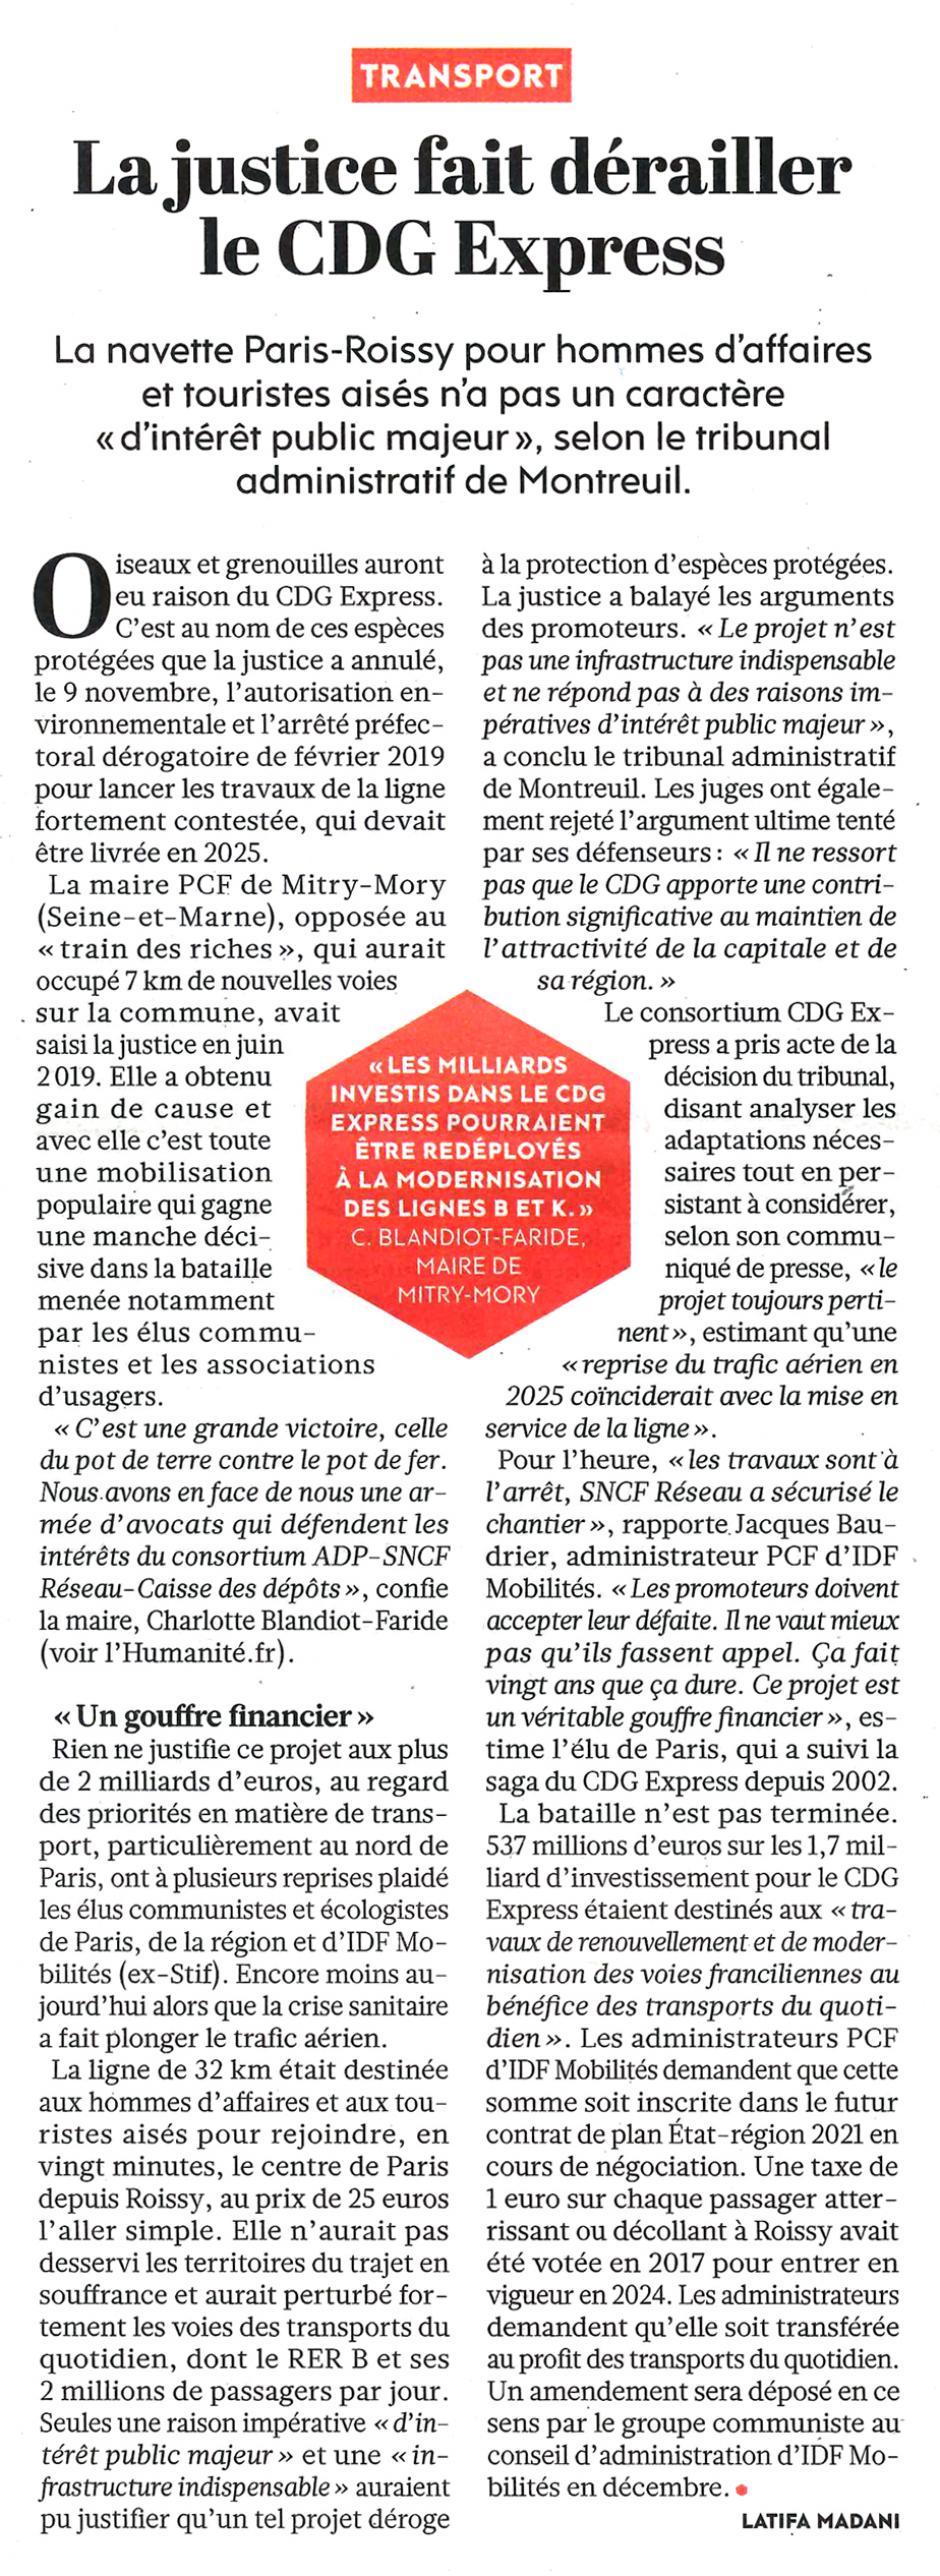 20201112-L'Huma-Île-de-France-La justice fait dérailler le CDG Express